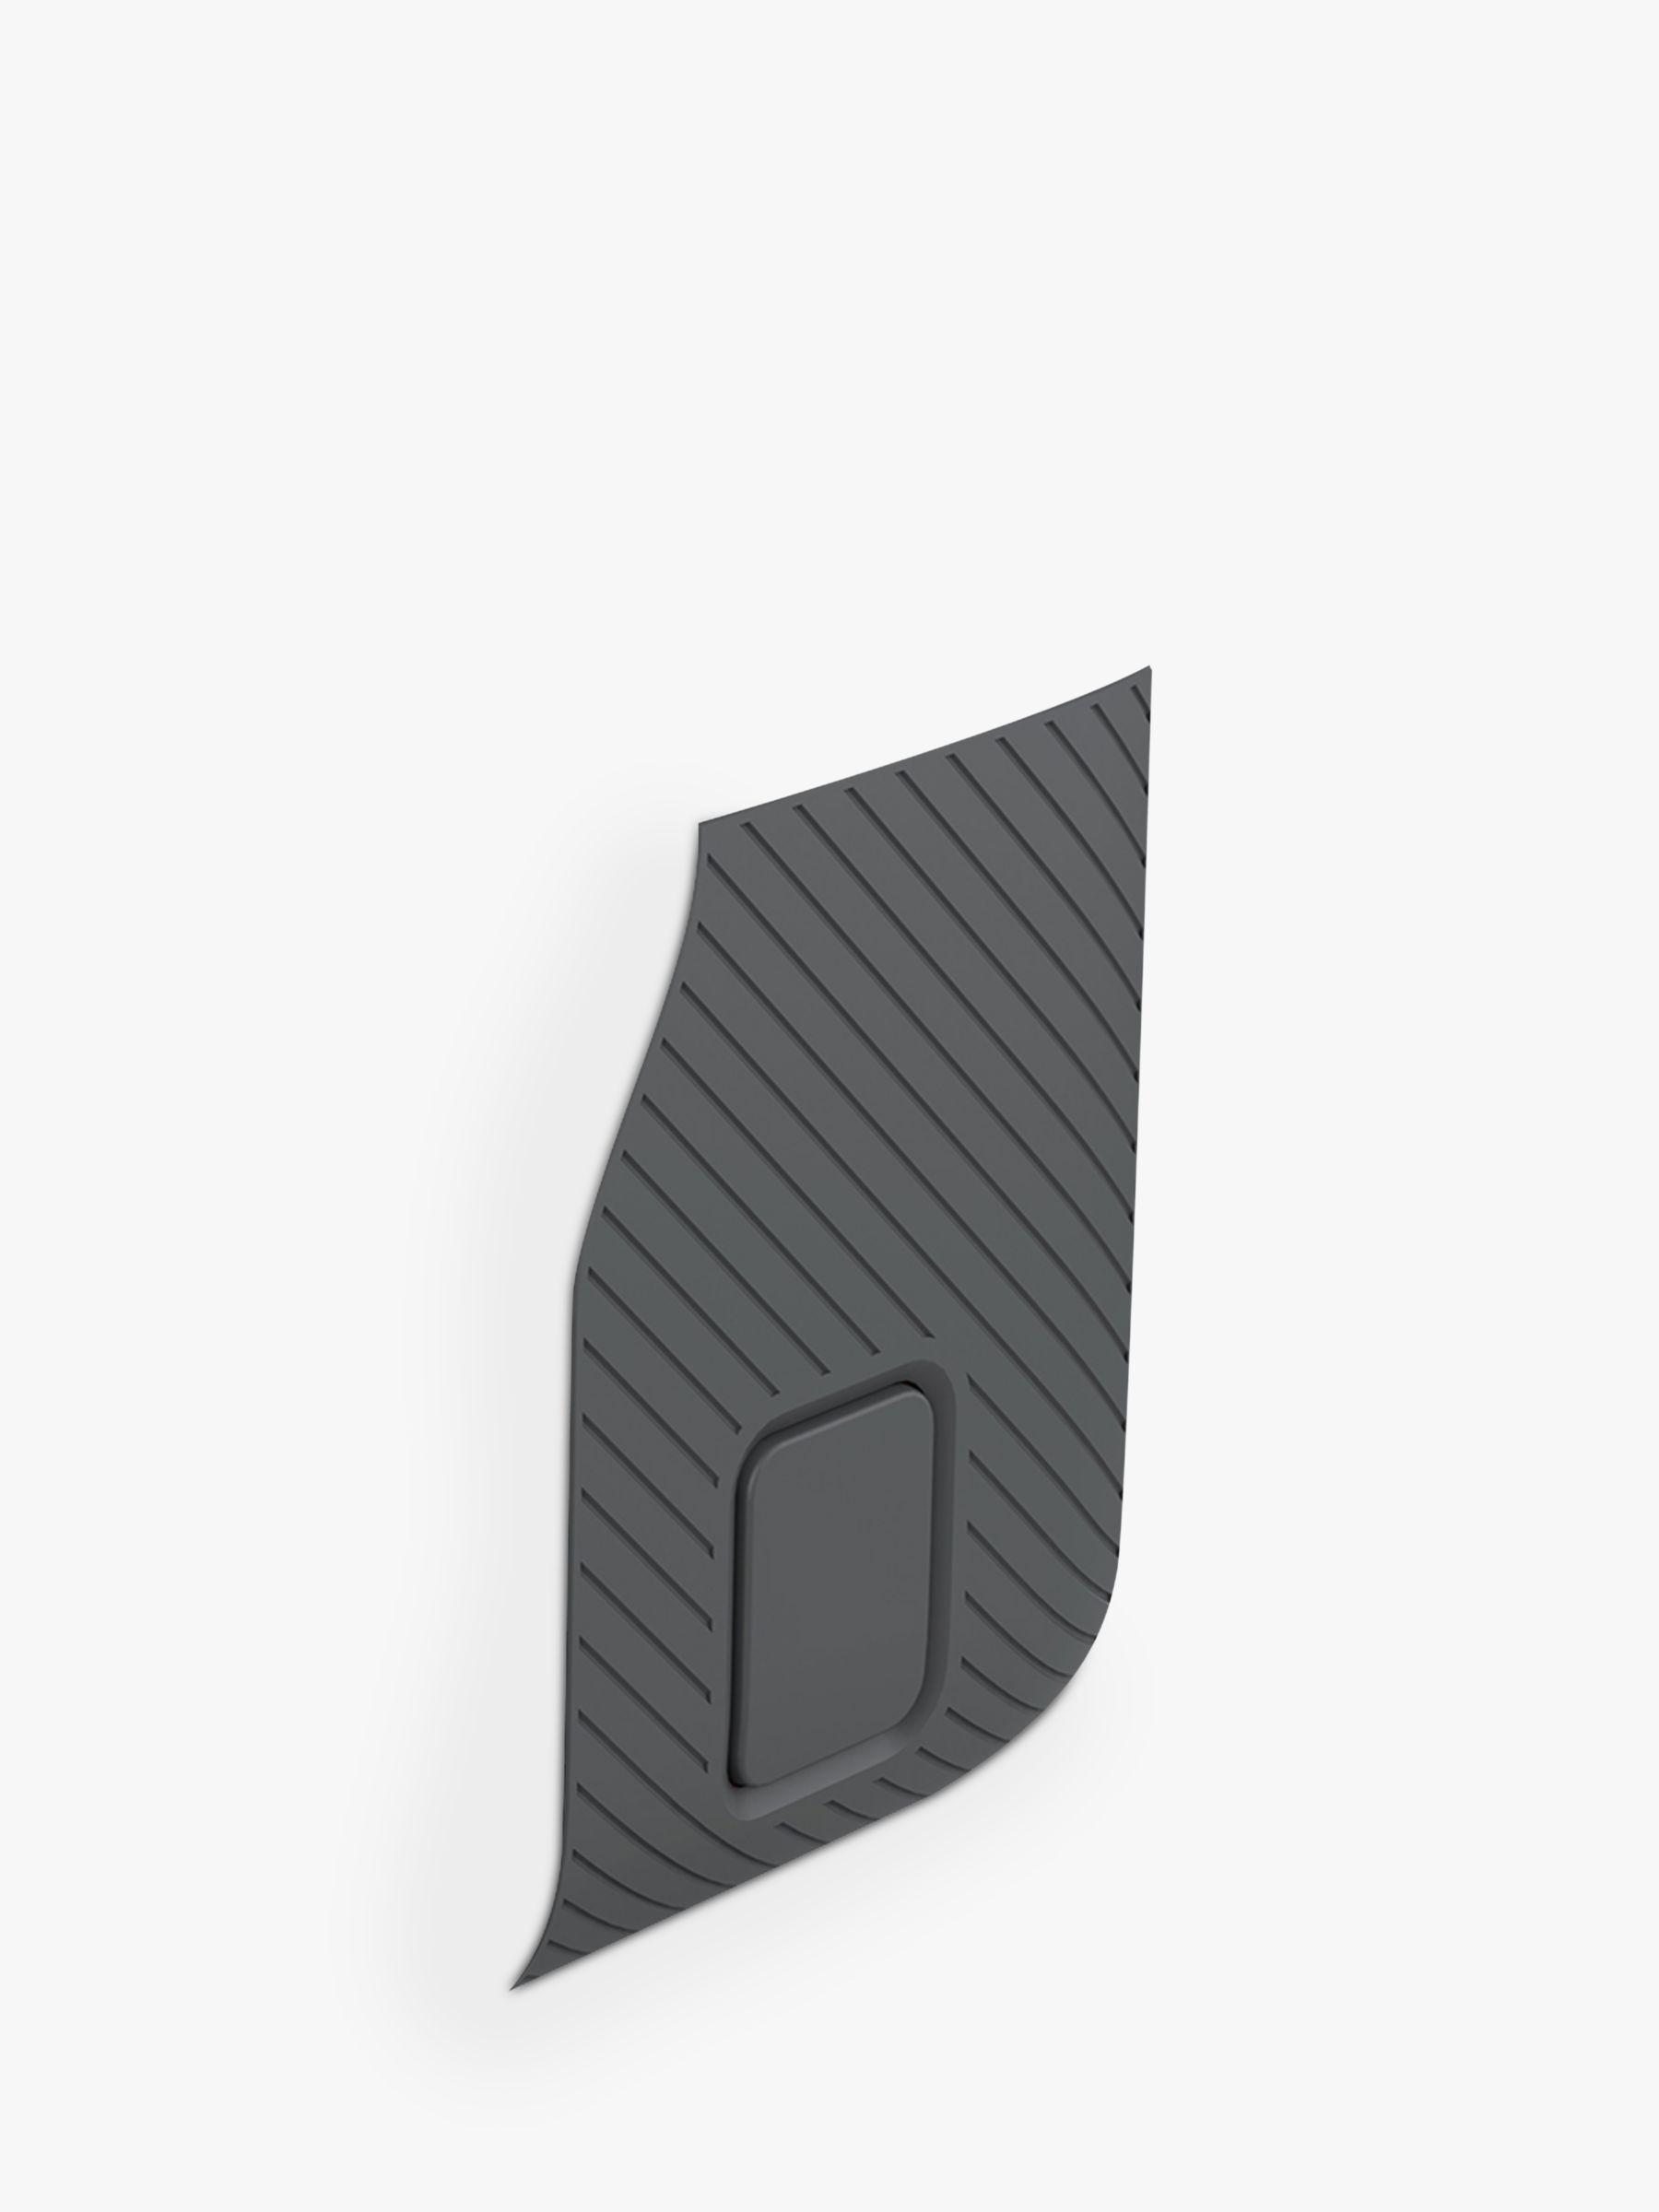 Gopro GoPro Replacement Side Door for HERO5 Black